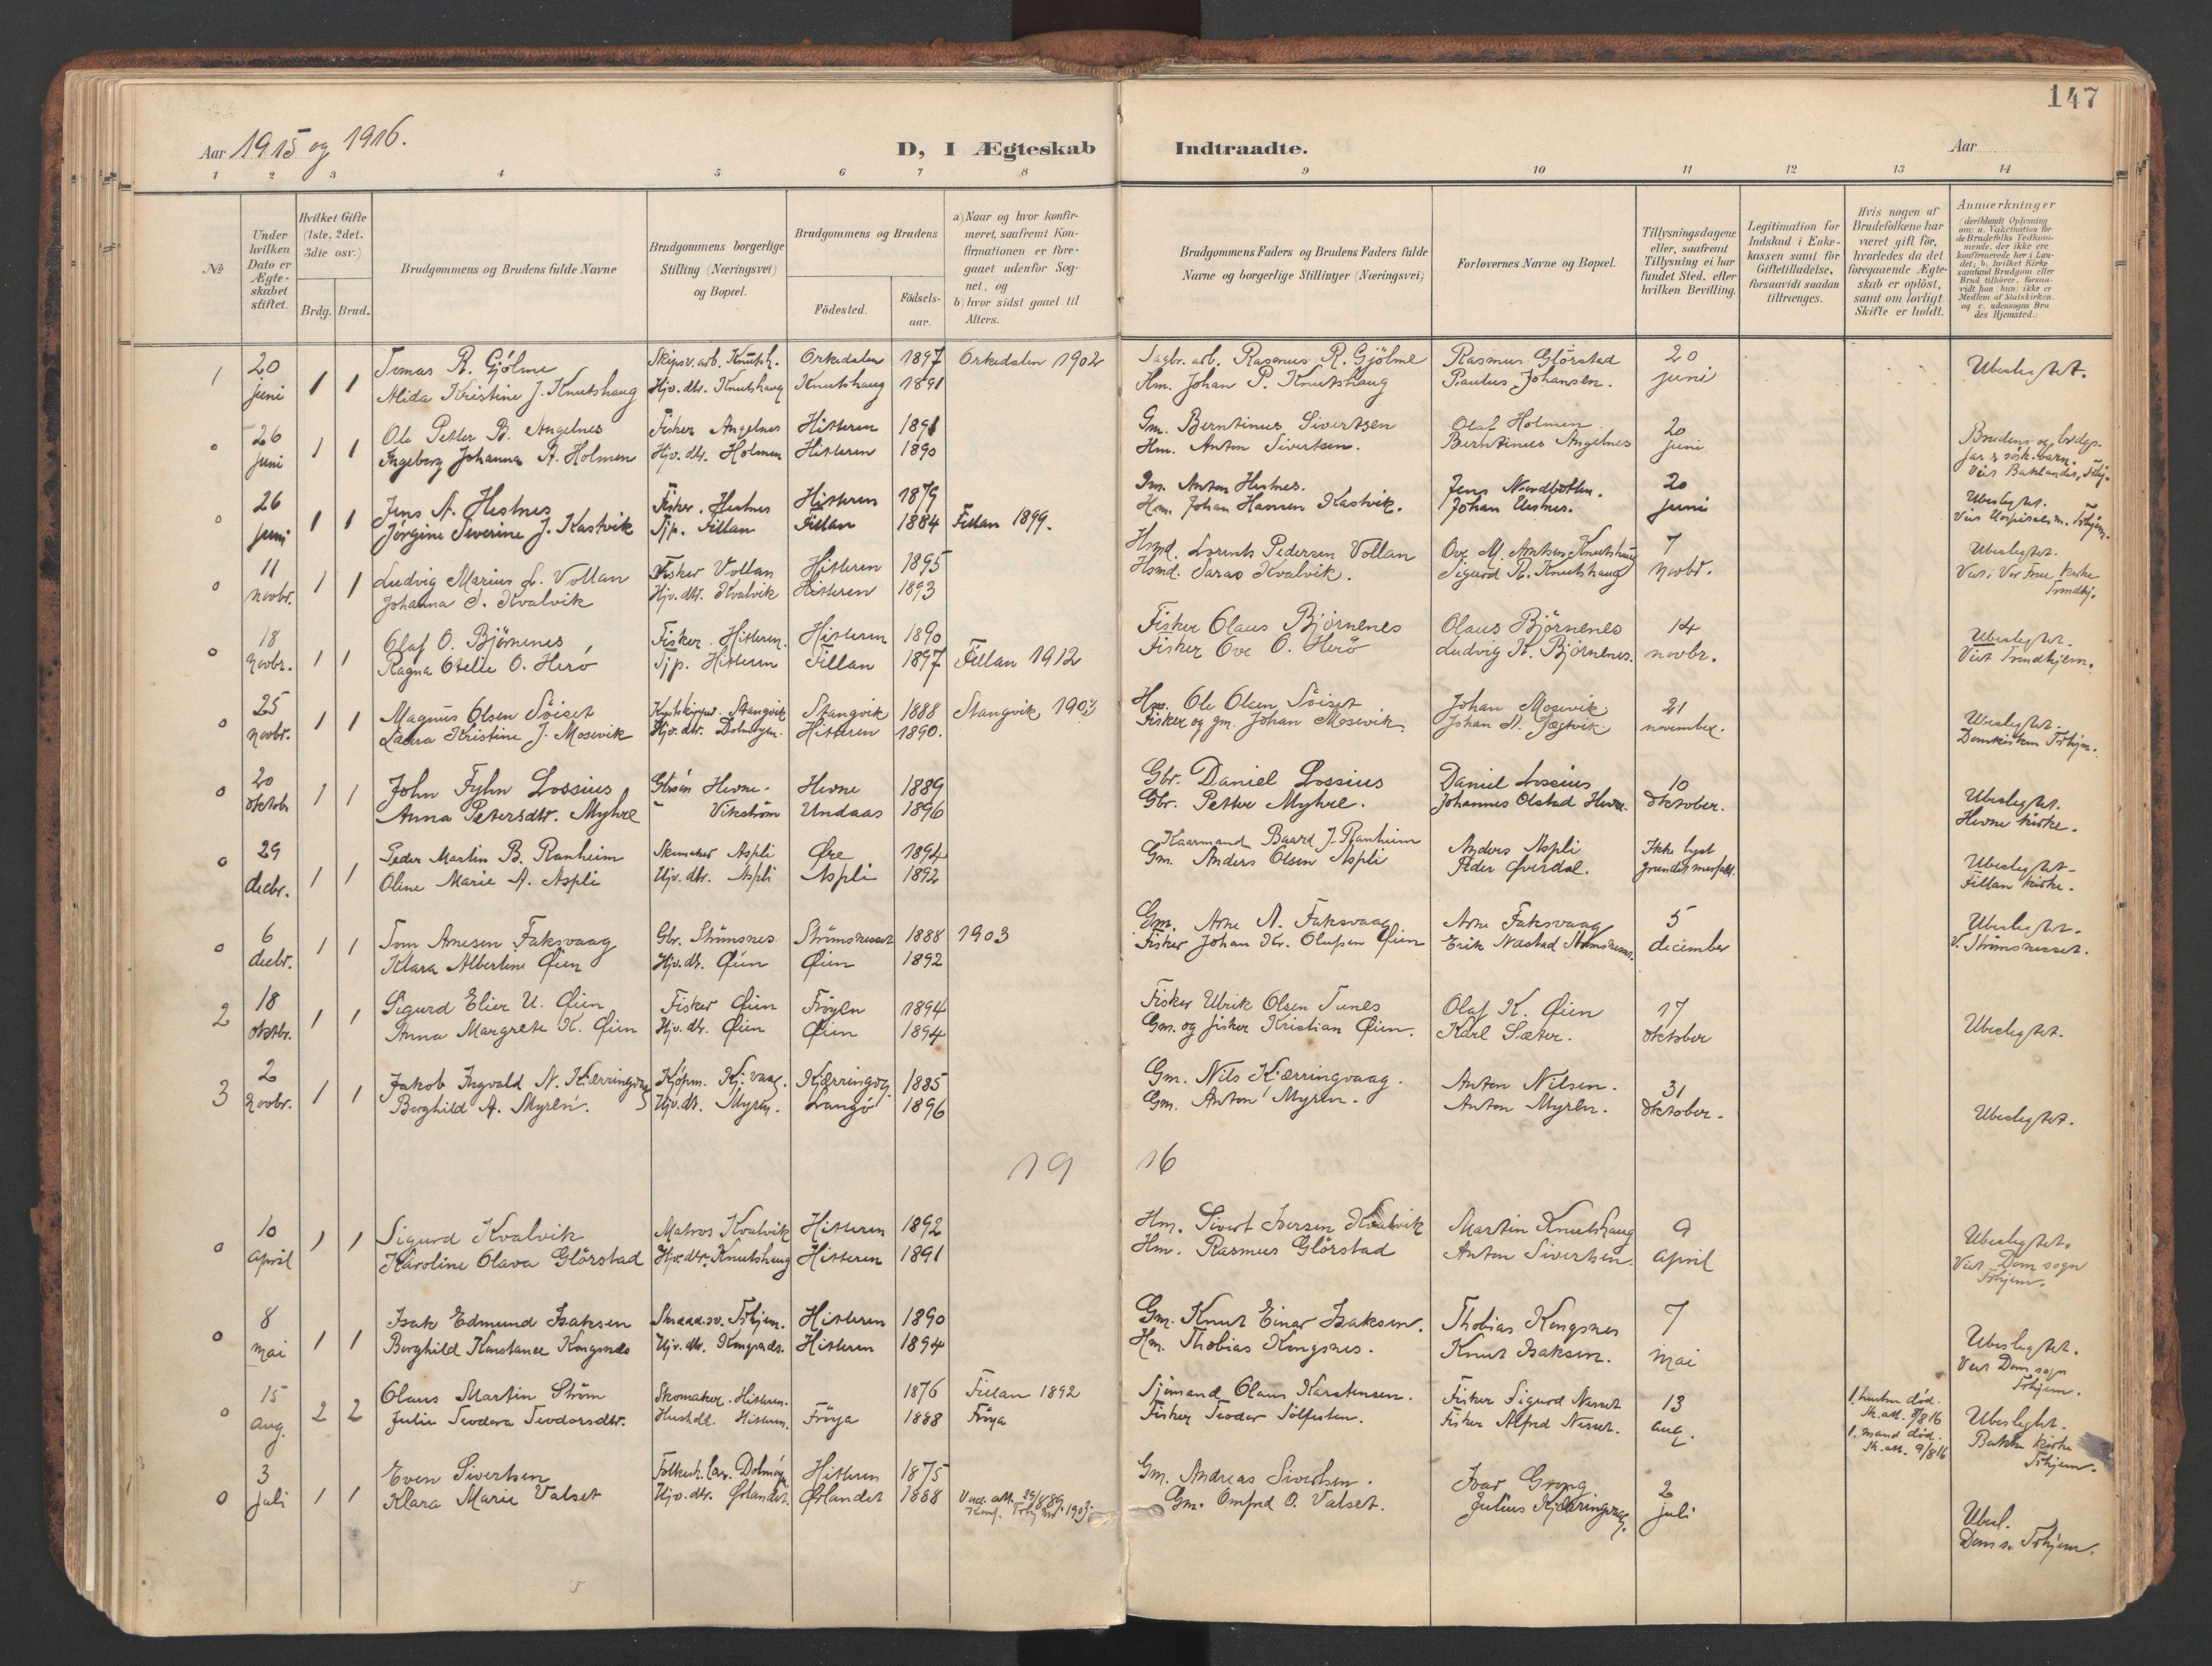 SAT, Ministerialprotokoller, klokkerbøker og fødselsregistre - Sør-Trøndelag, 634/L0537: Ministerialbok nr. 634A13, 1896-1922, s. 147